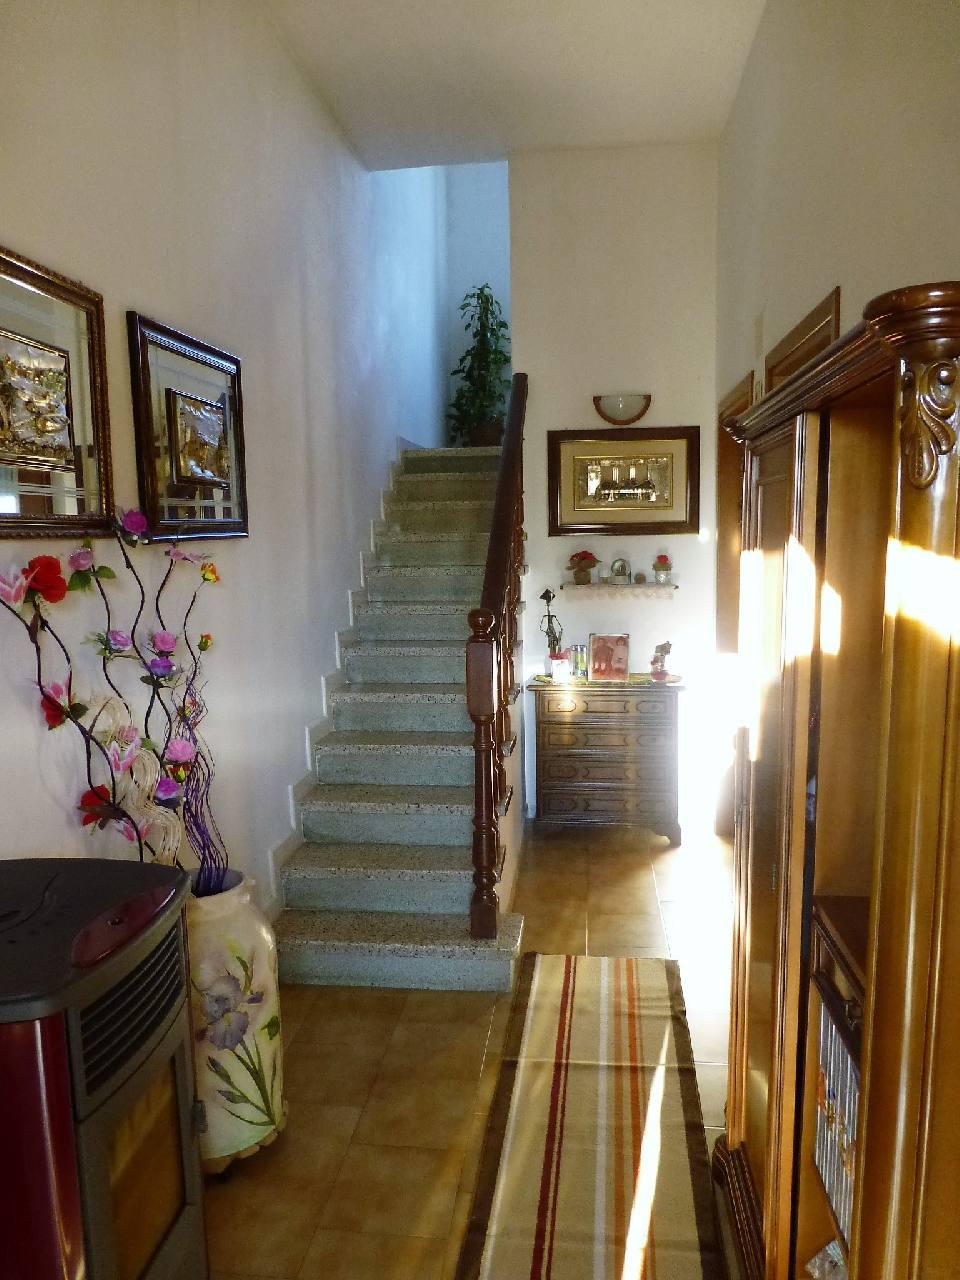 Foto 1 di Casa indipendente Formignana VICONOVO, Formignana